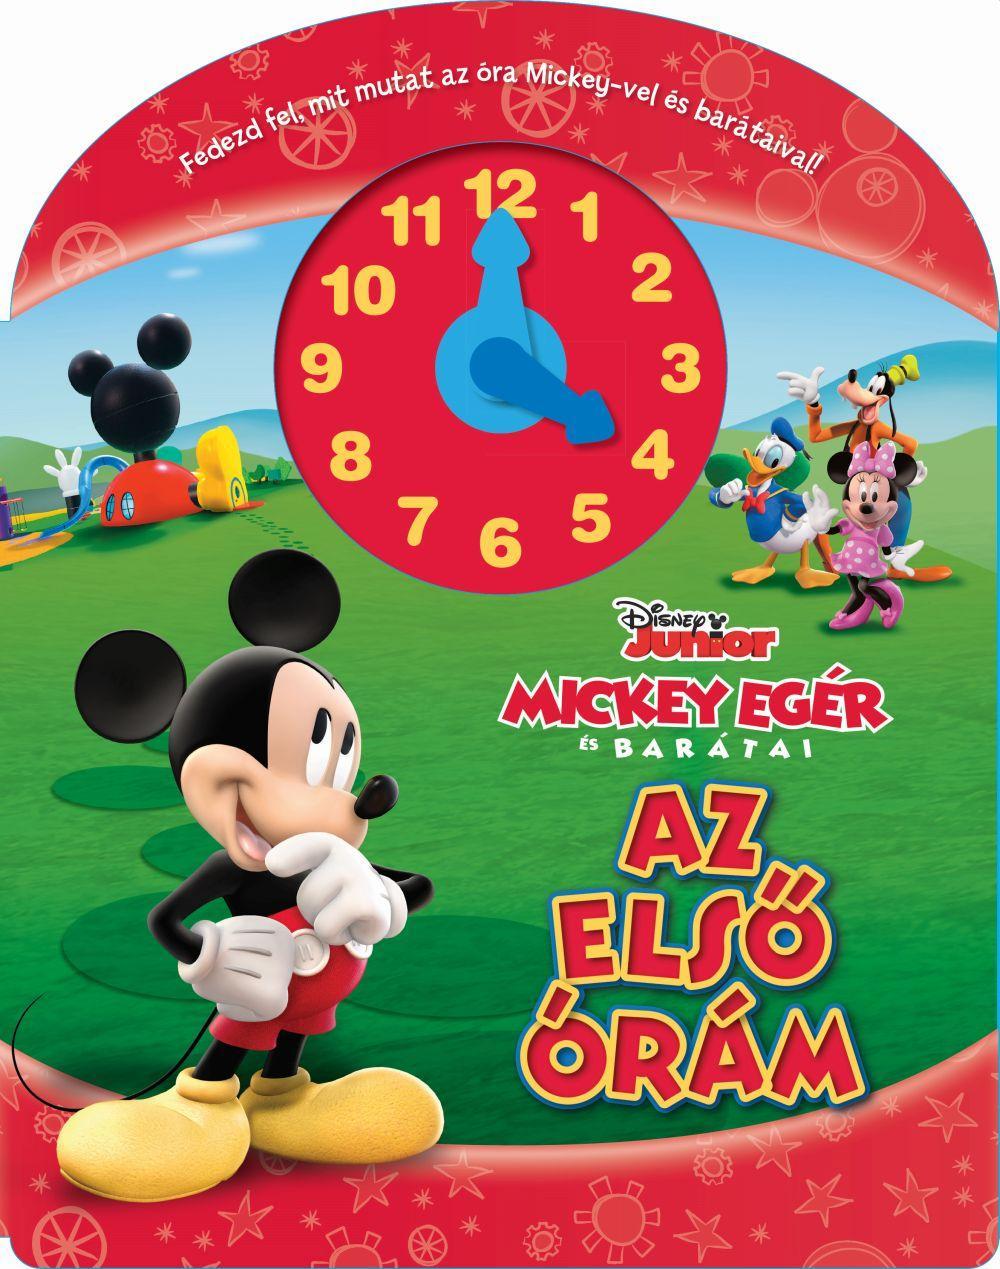 Az első órám - Mickey egér és barátai